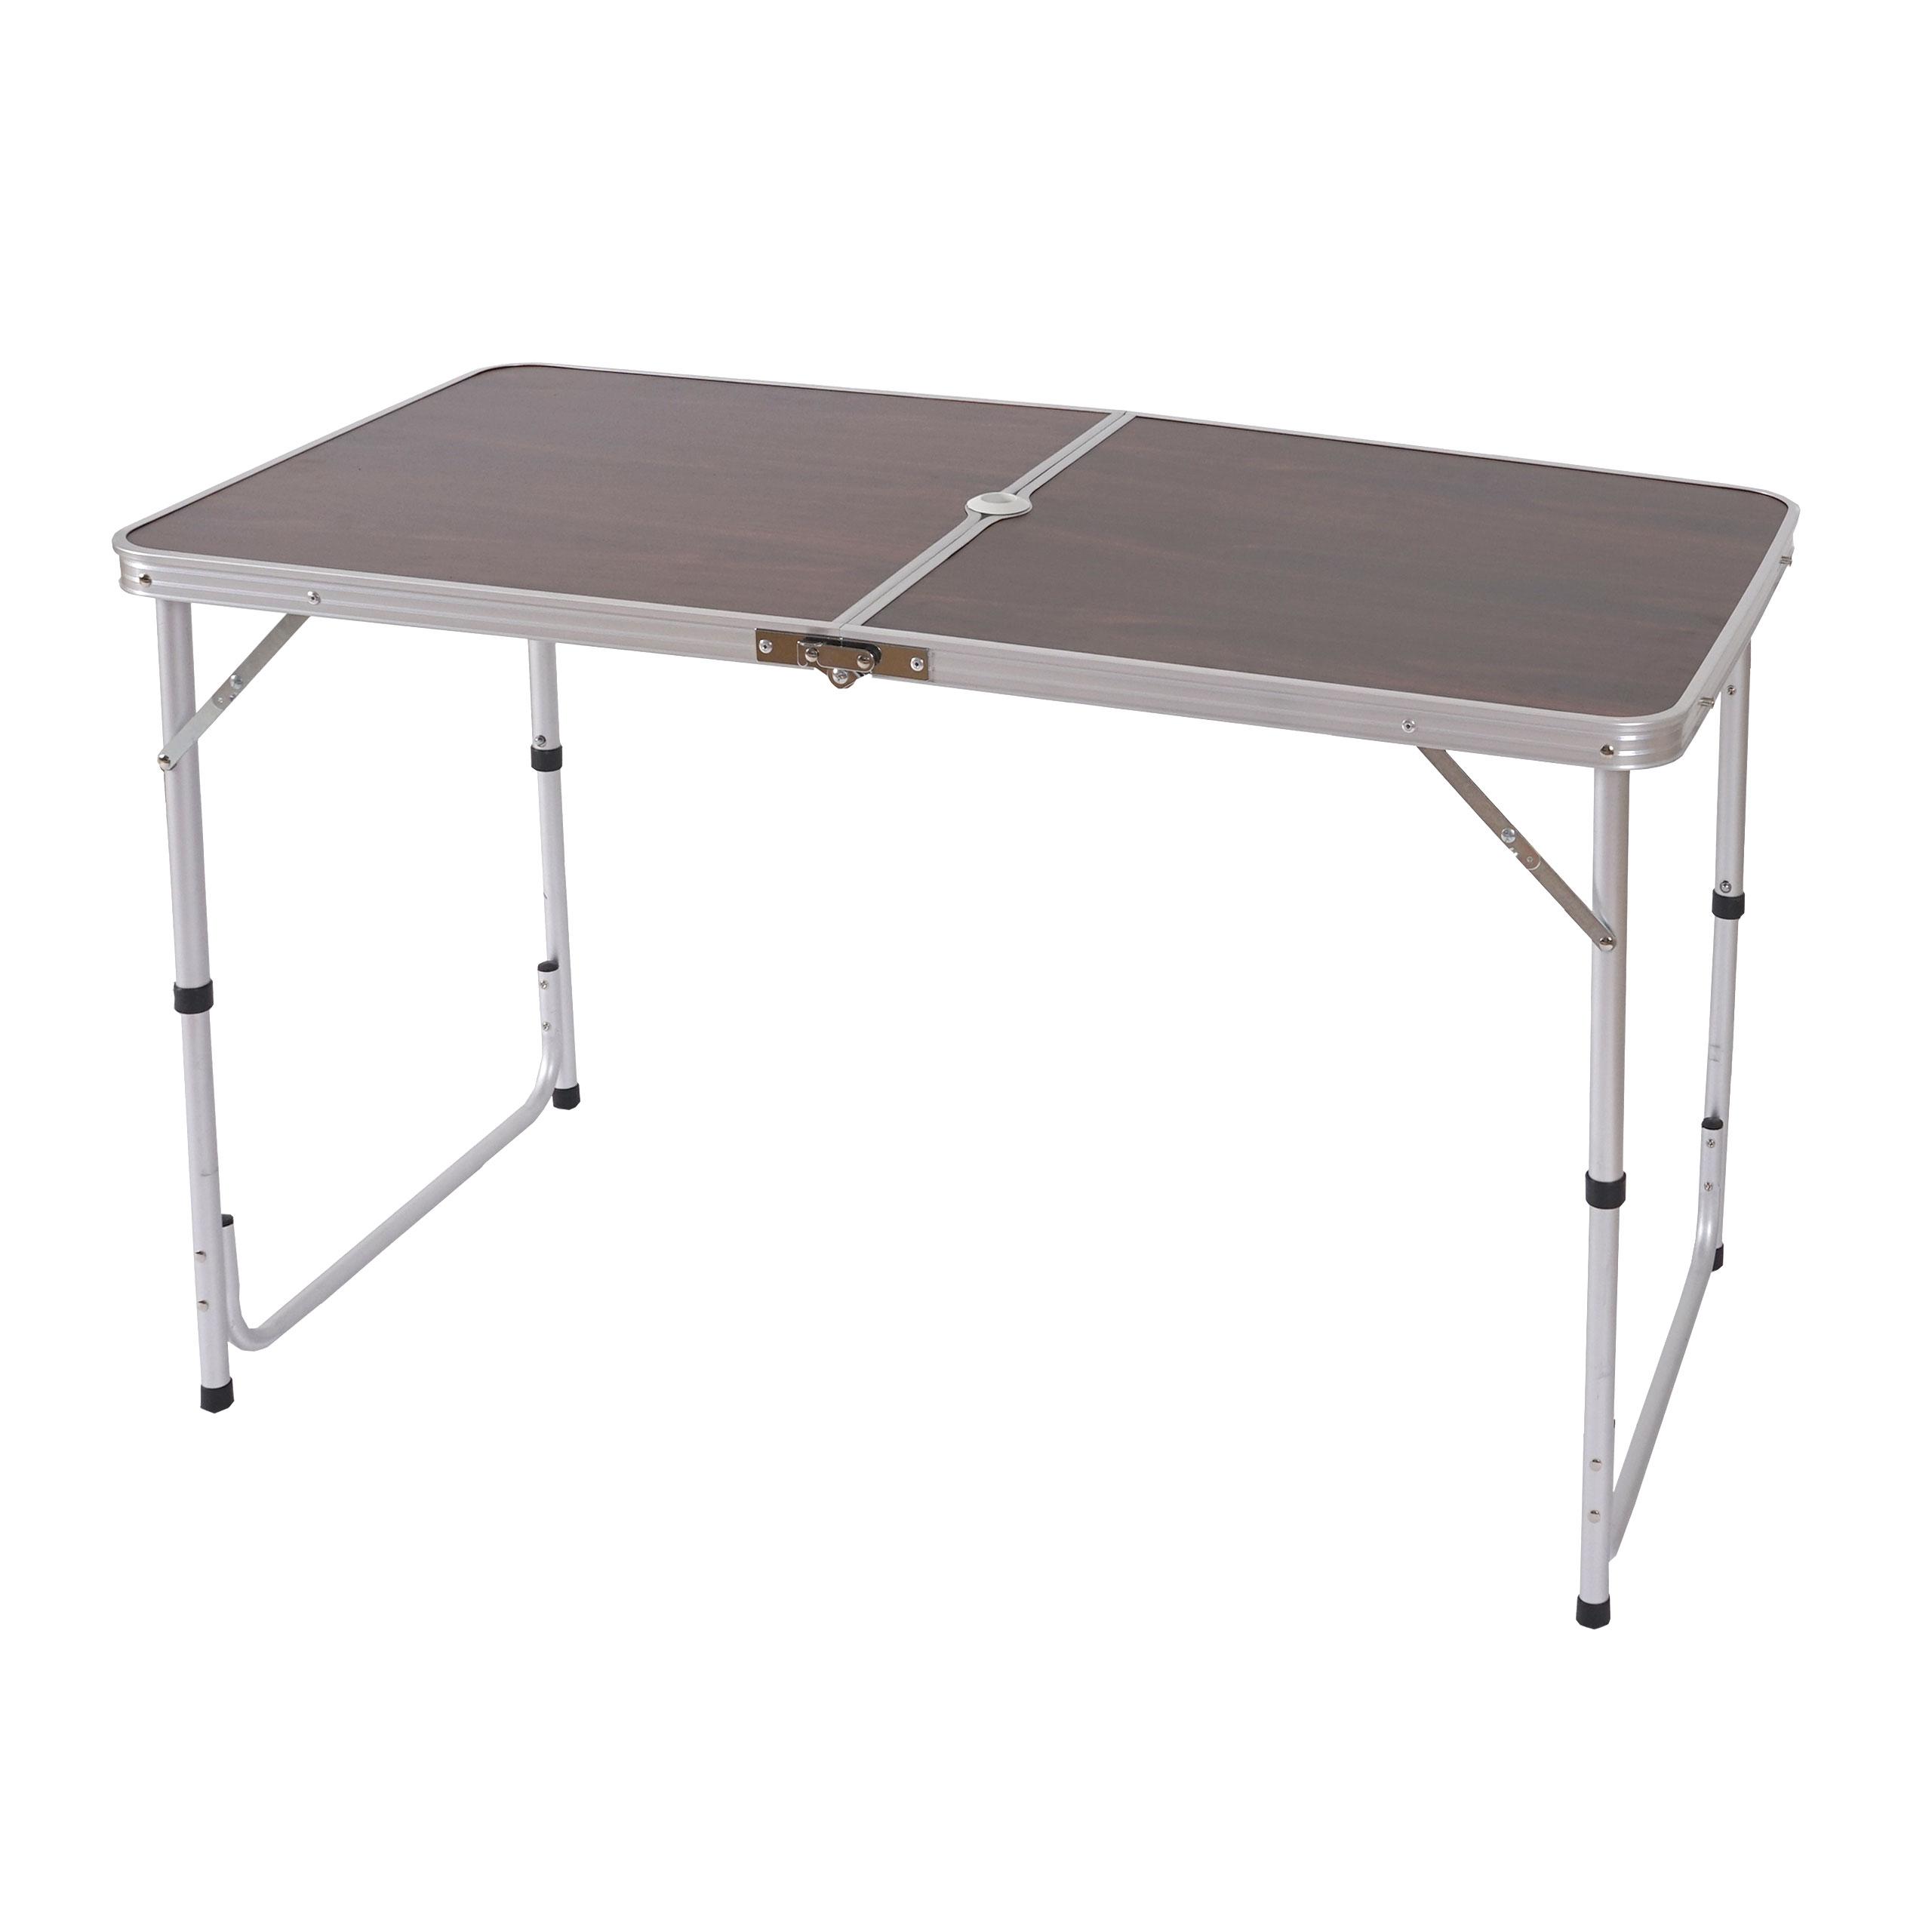 campingtisch t367 klapptisch gartentisch koffertisch 68x120x60cm mit schirmloch. Black Bedroom Furniture Sets. Home Design Ideas